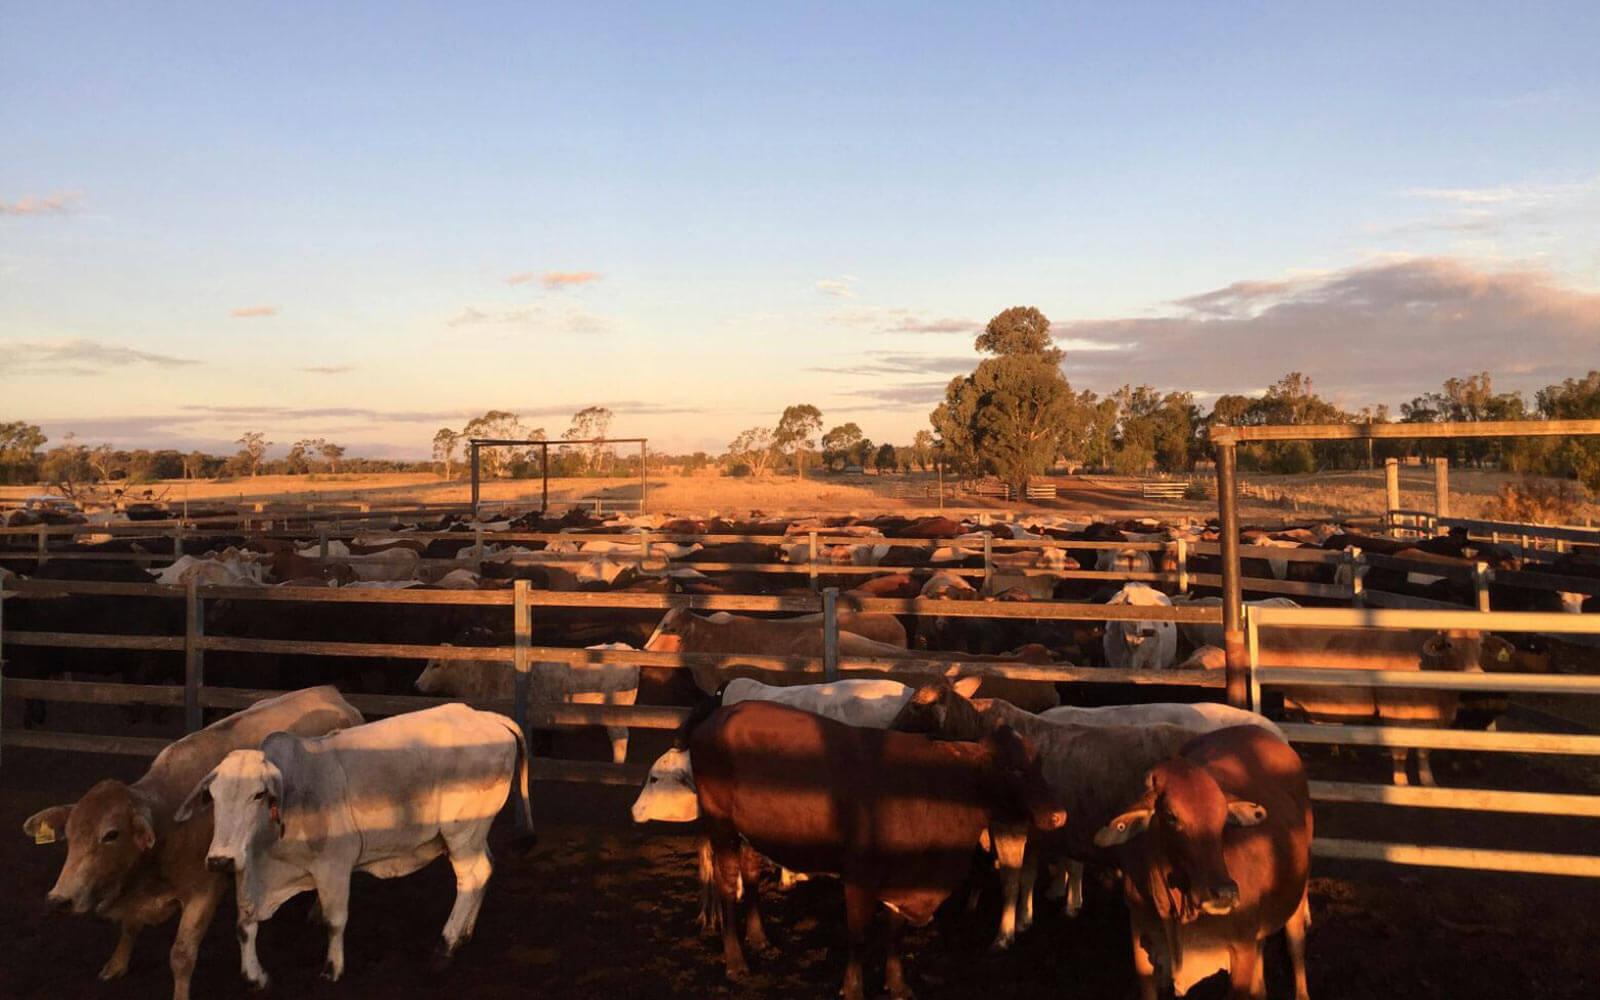 Rinder im Abendlicht auf der Trainingsfarm in Australien